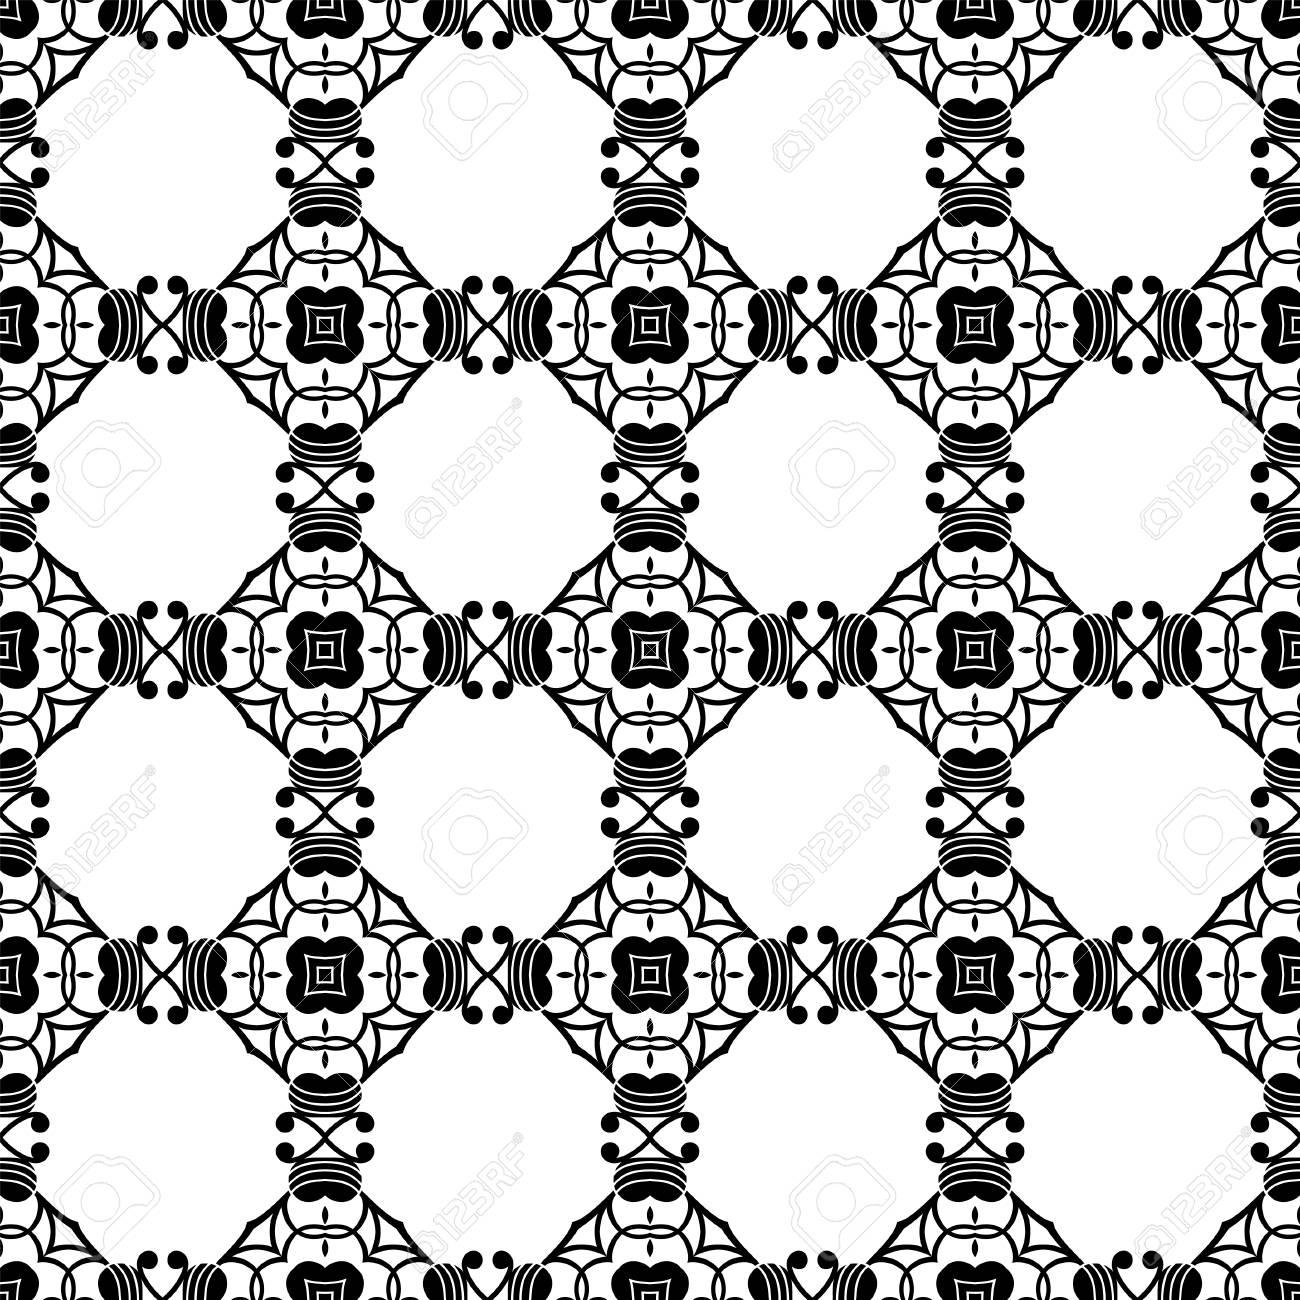 nahtlose vintage tapete schwarz wei muster dekorativer dekorativer hintergrund vektorschablone kann - Tapete Schwarz Weis Muster